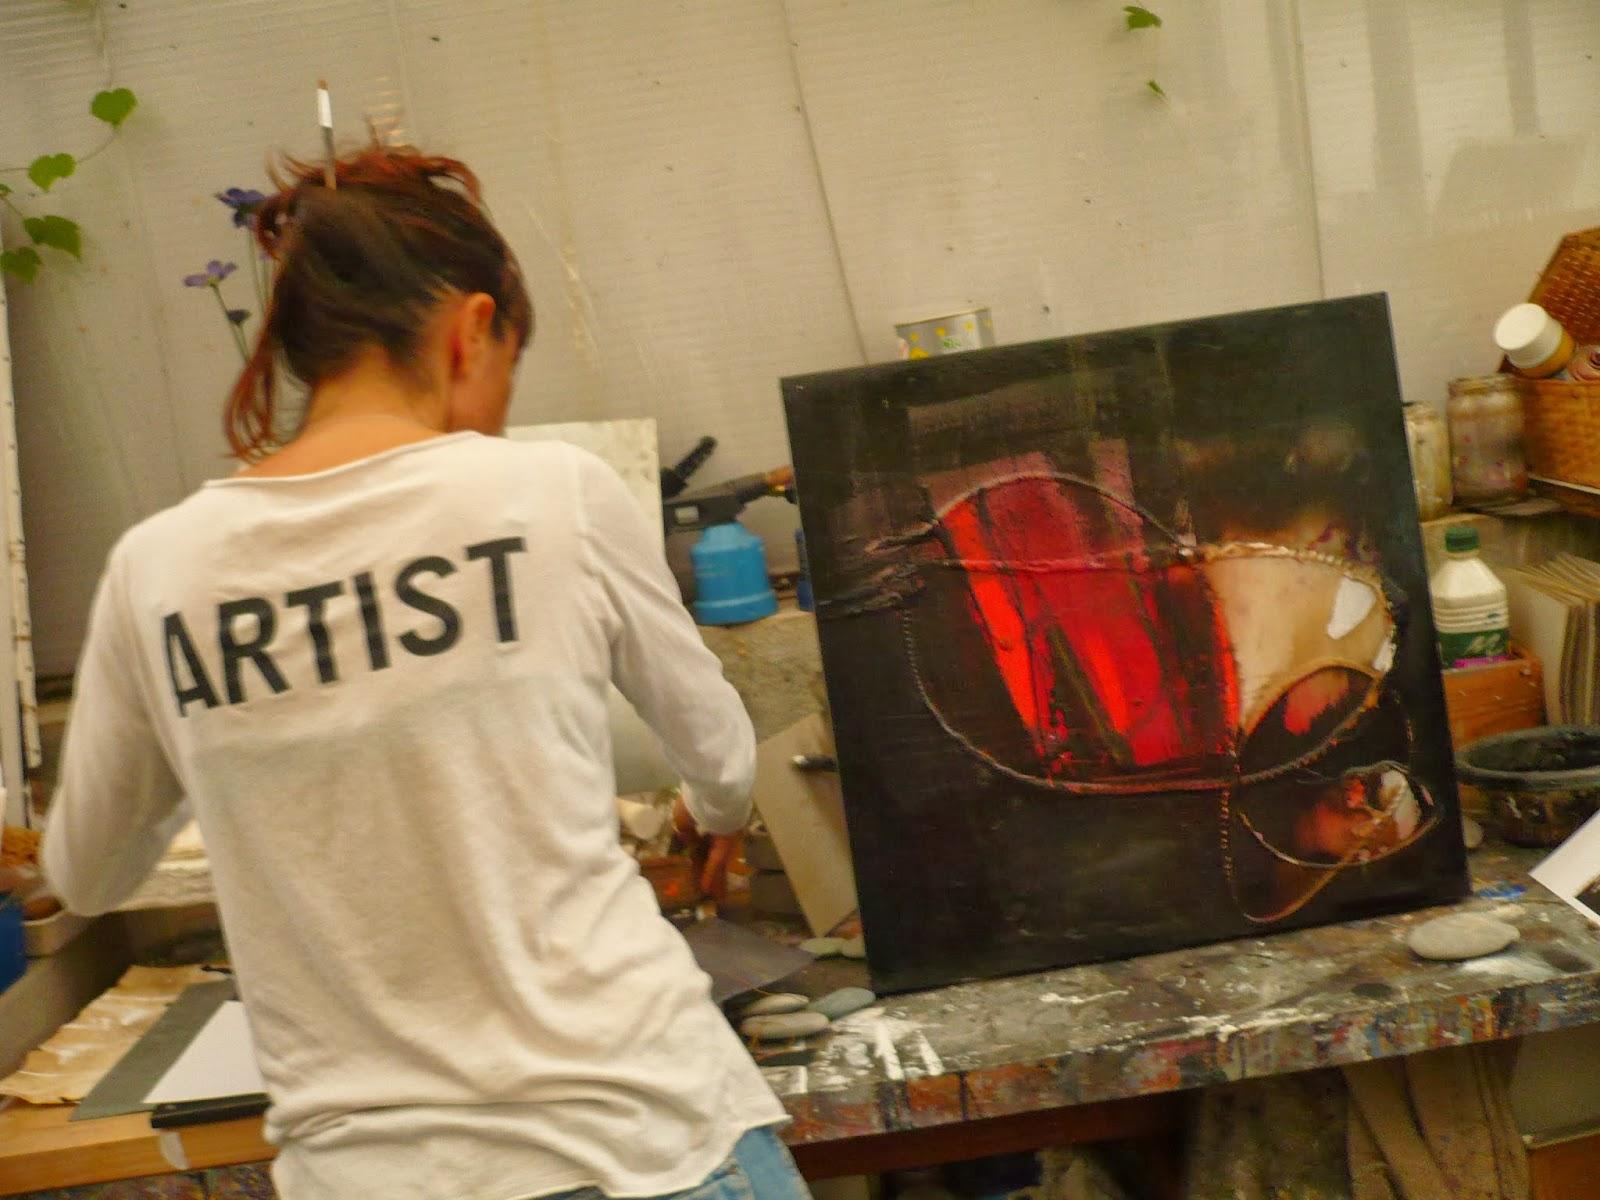 912 Arty by Katia Grisanzio